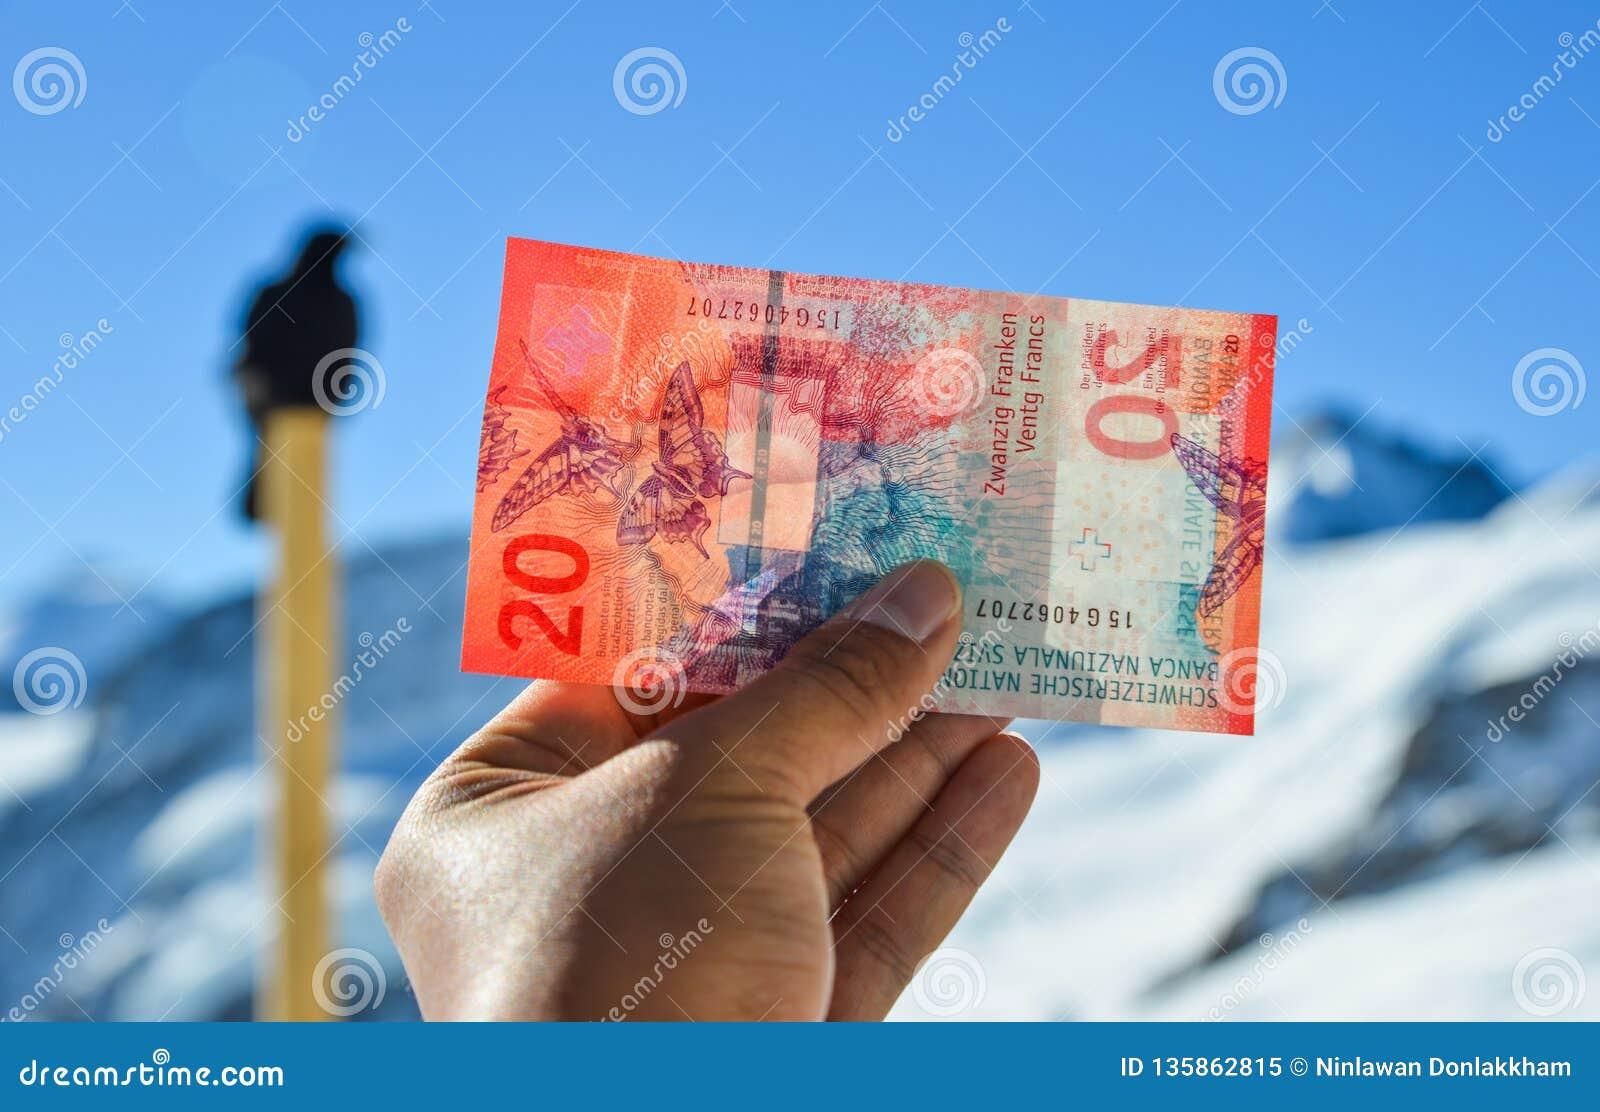 Mano que sostiene un billete de banco del franco suizo 20